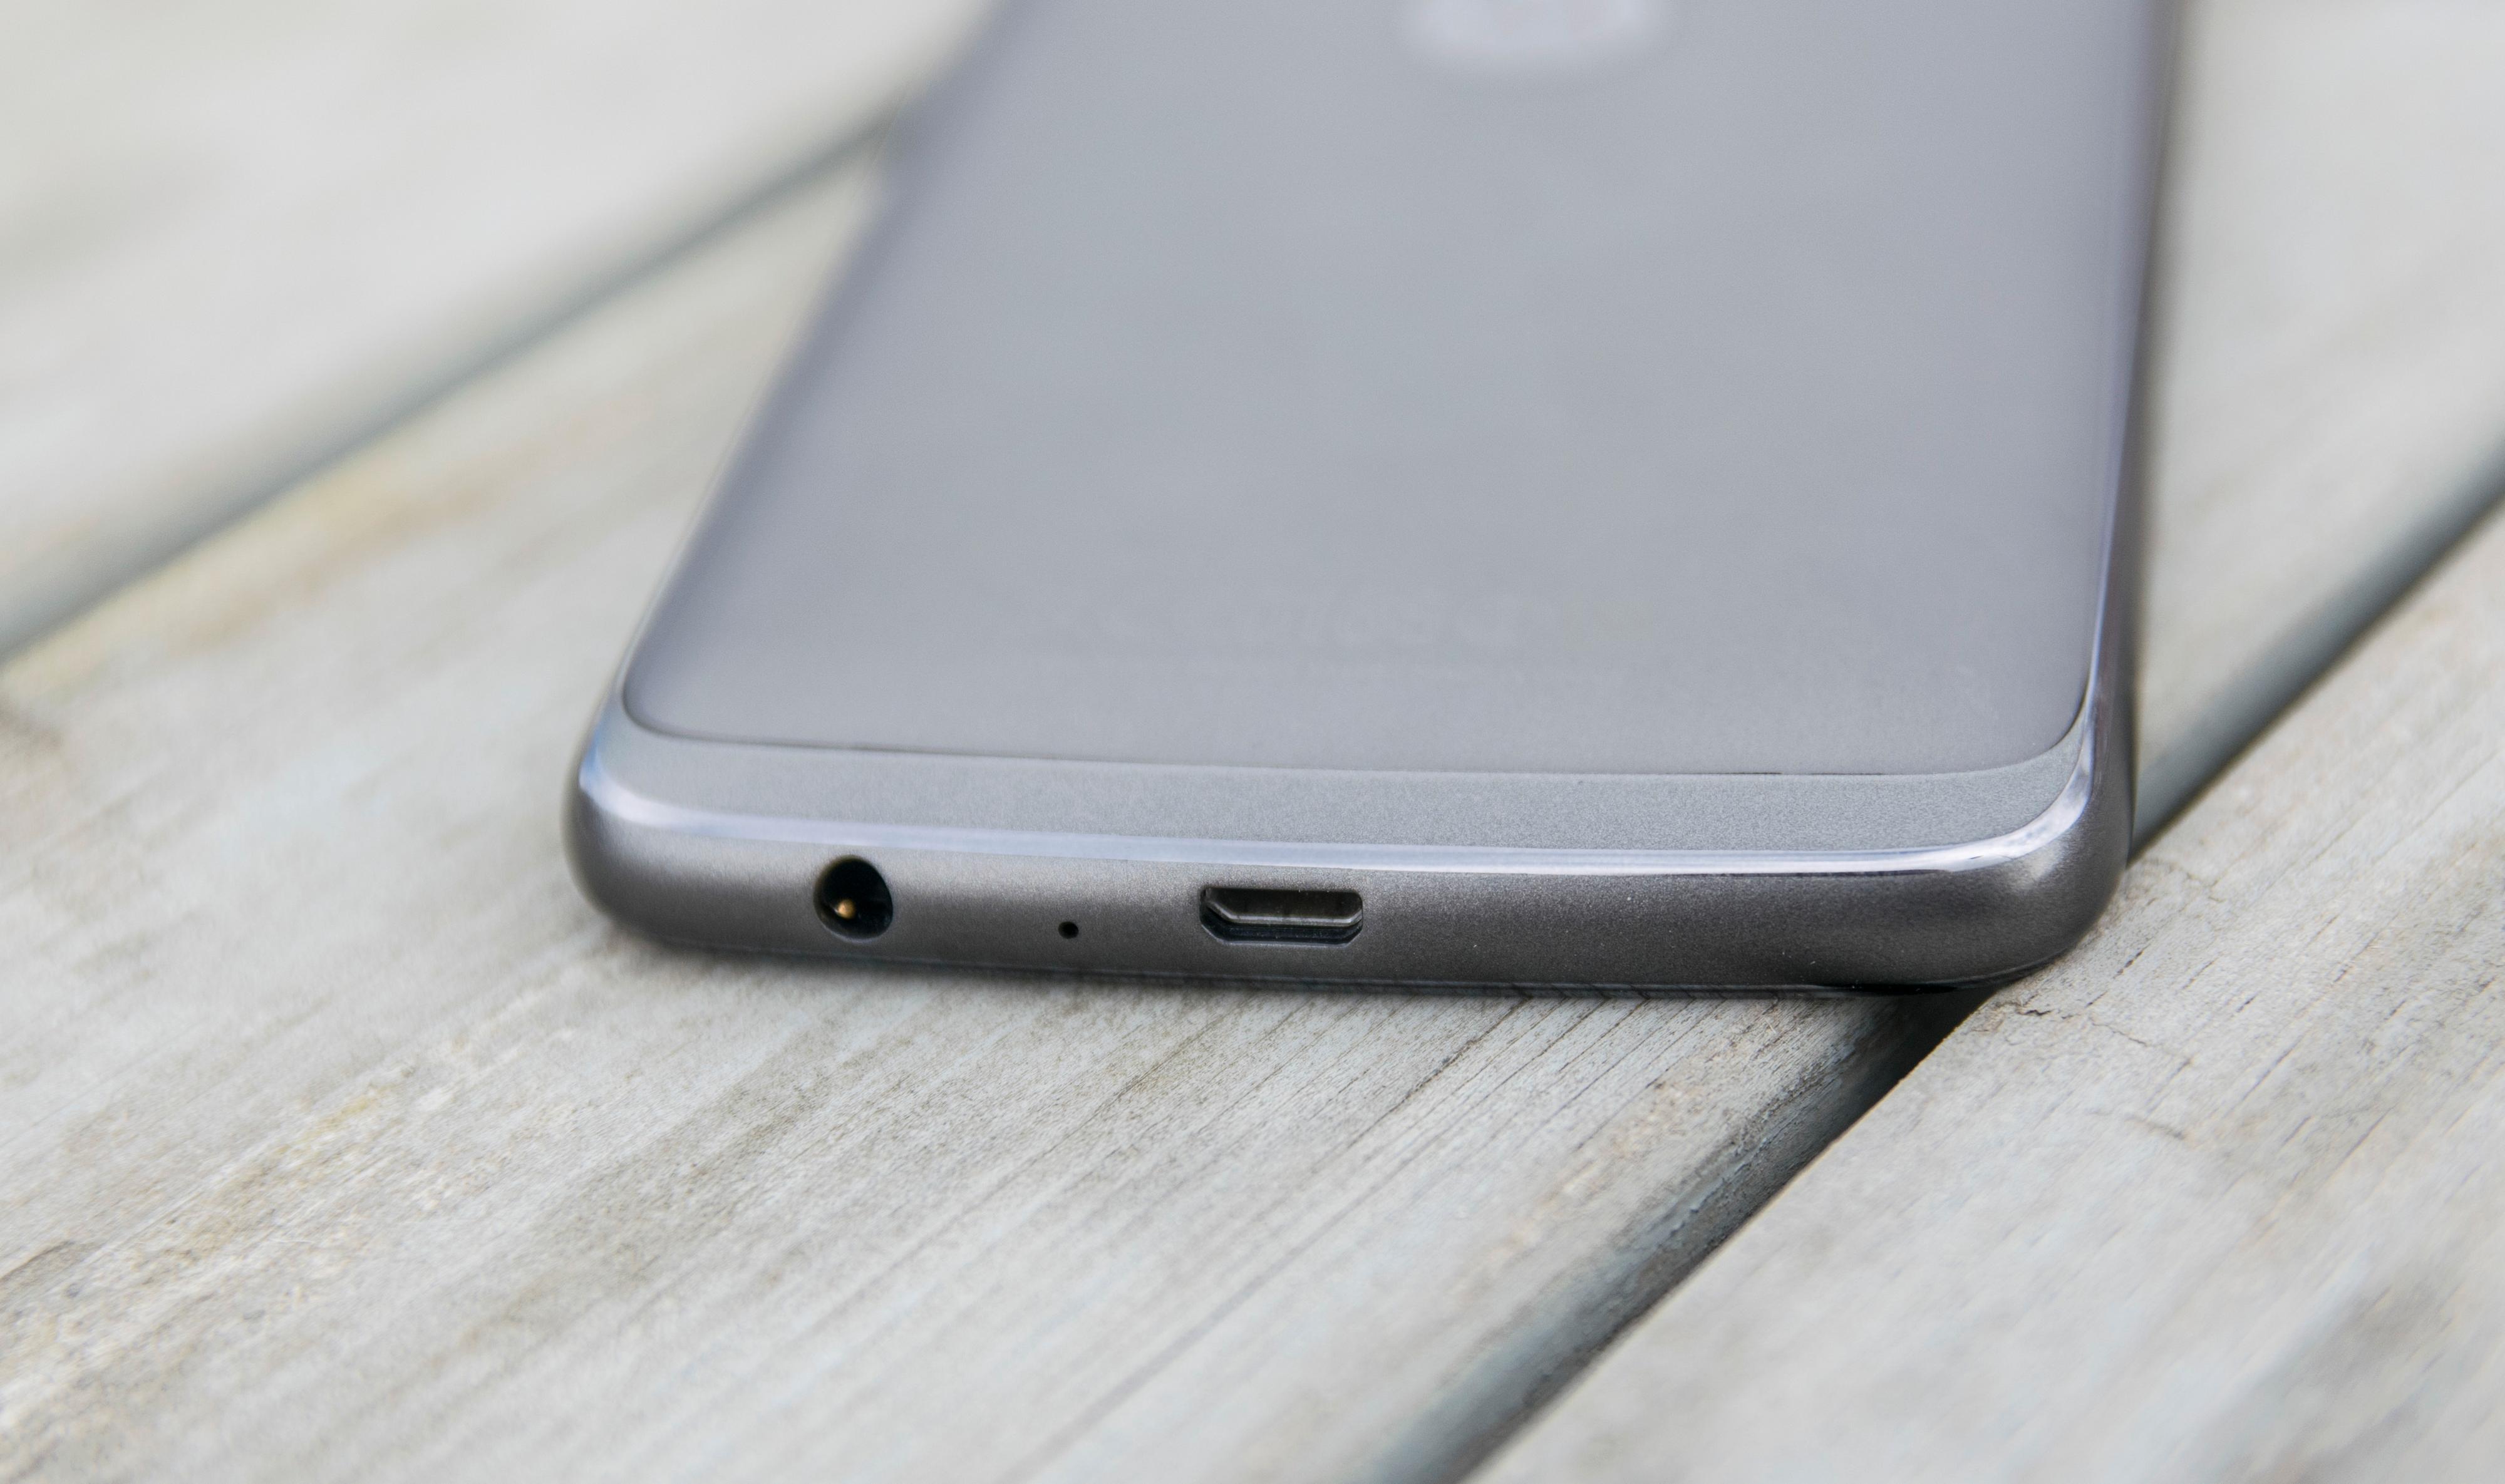 Hodetelefonkontakt og Micro-USB i bunnen av telefonen. USB-C hadde vært et kjekt tillegg - men når resten er så voldsomt bra for sin prisklasse føles det urettferdig å klage.